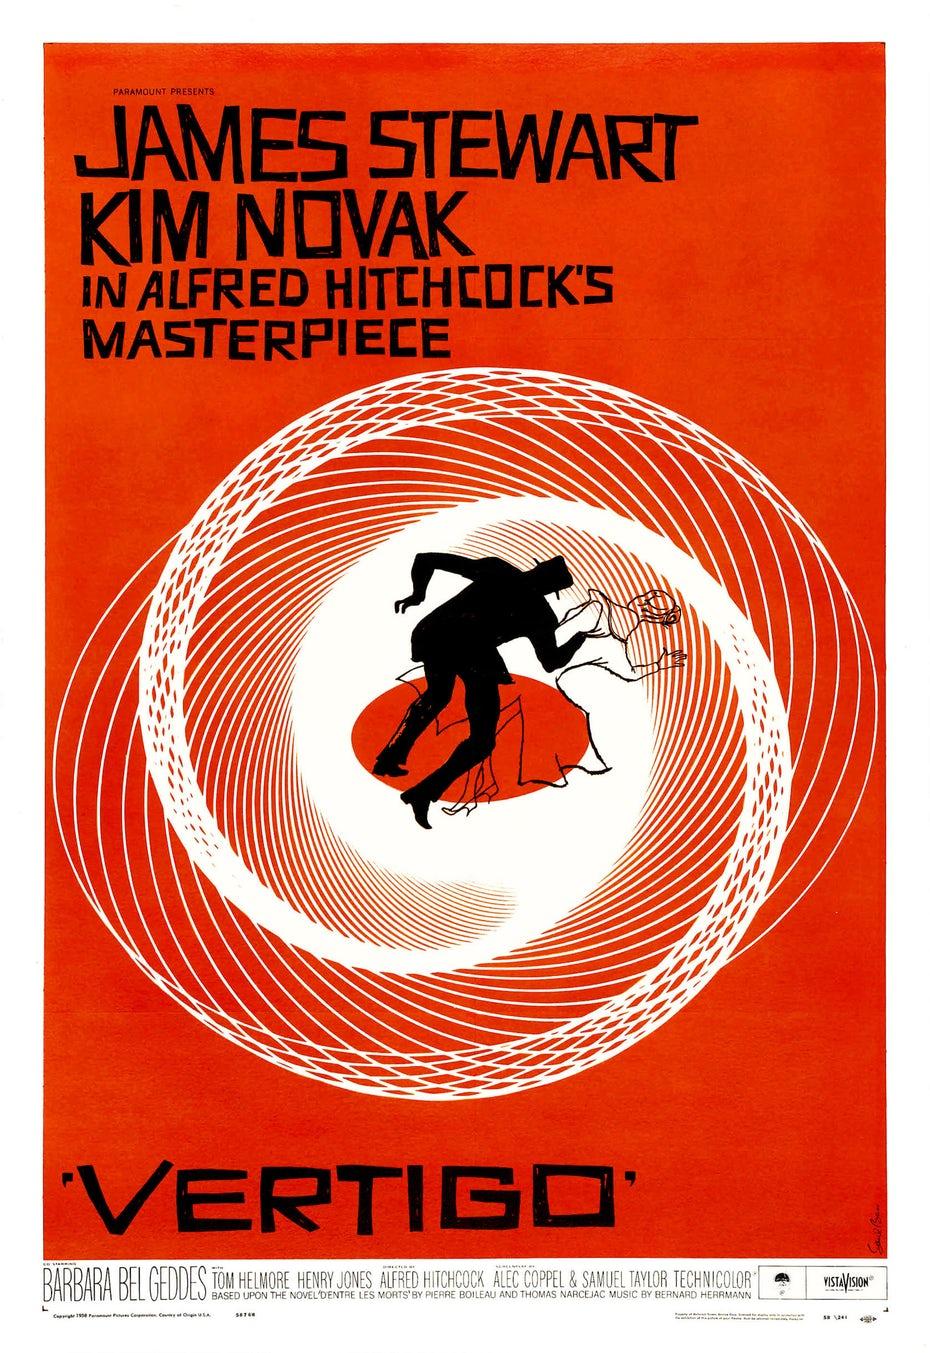 Vertigo poster design by Saul Bass